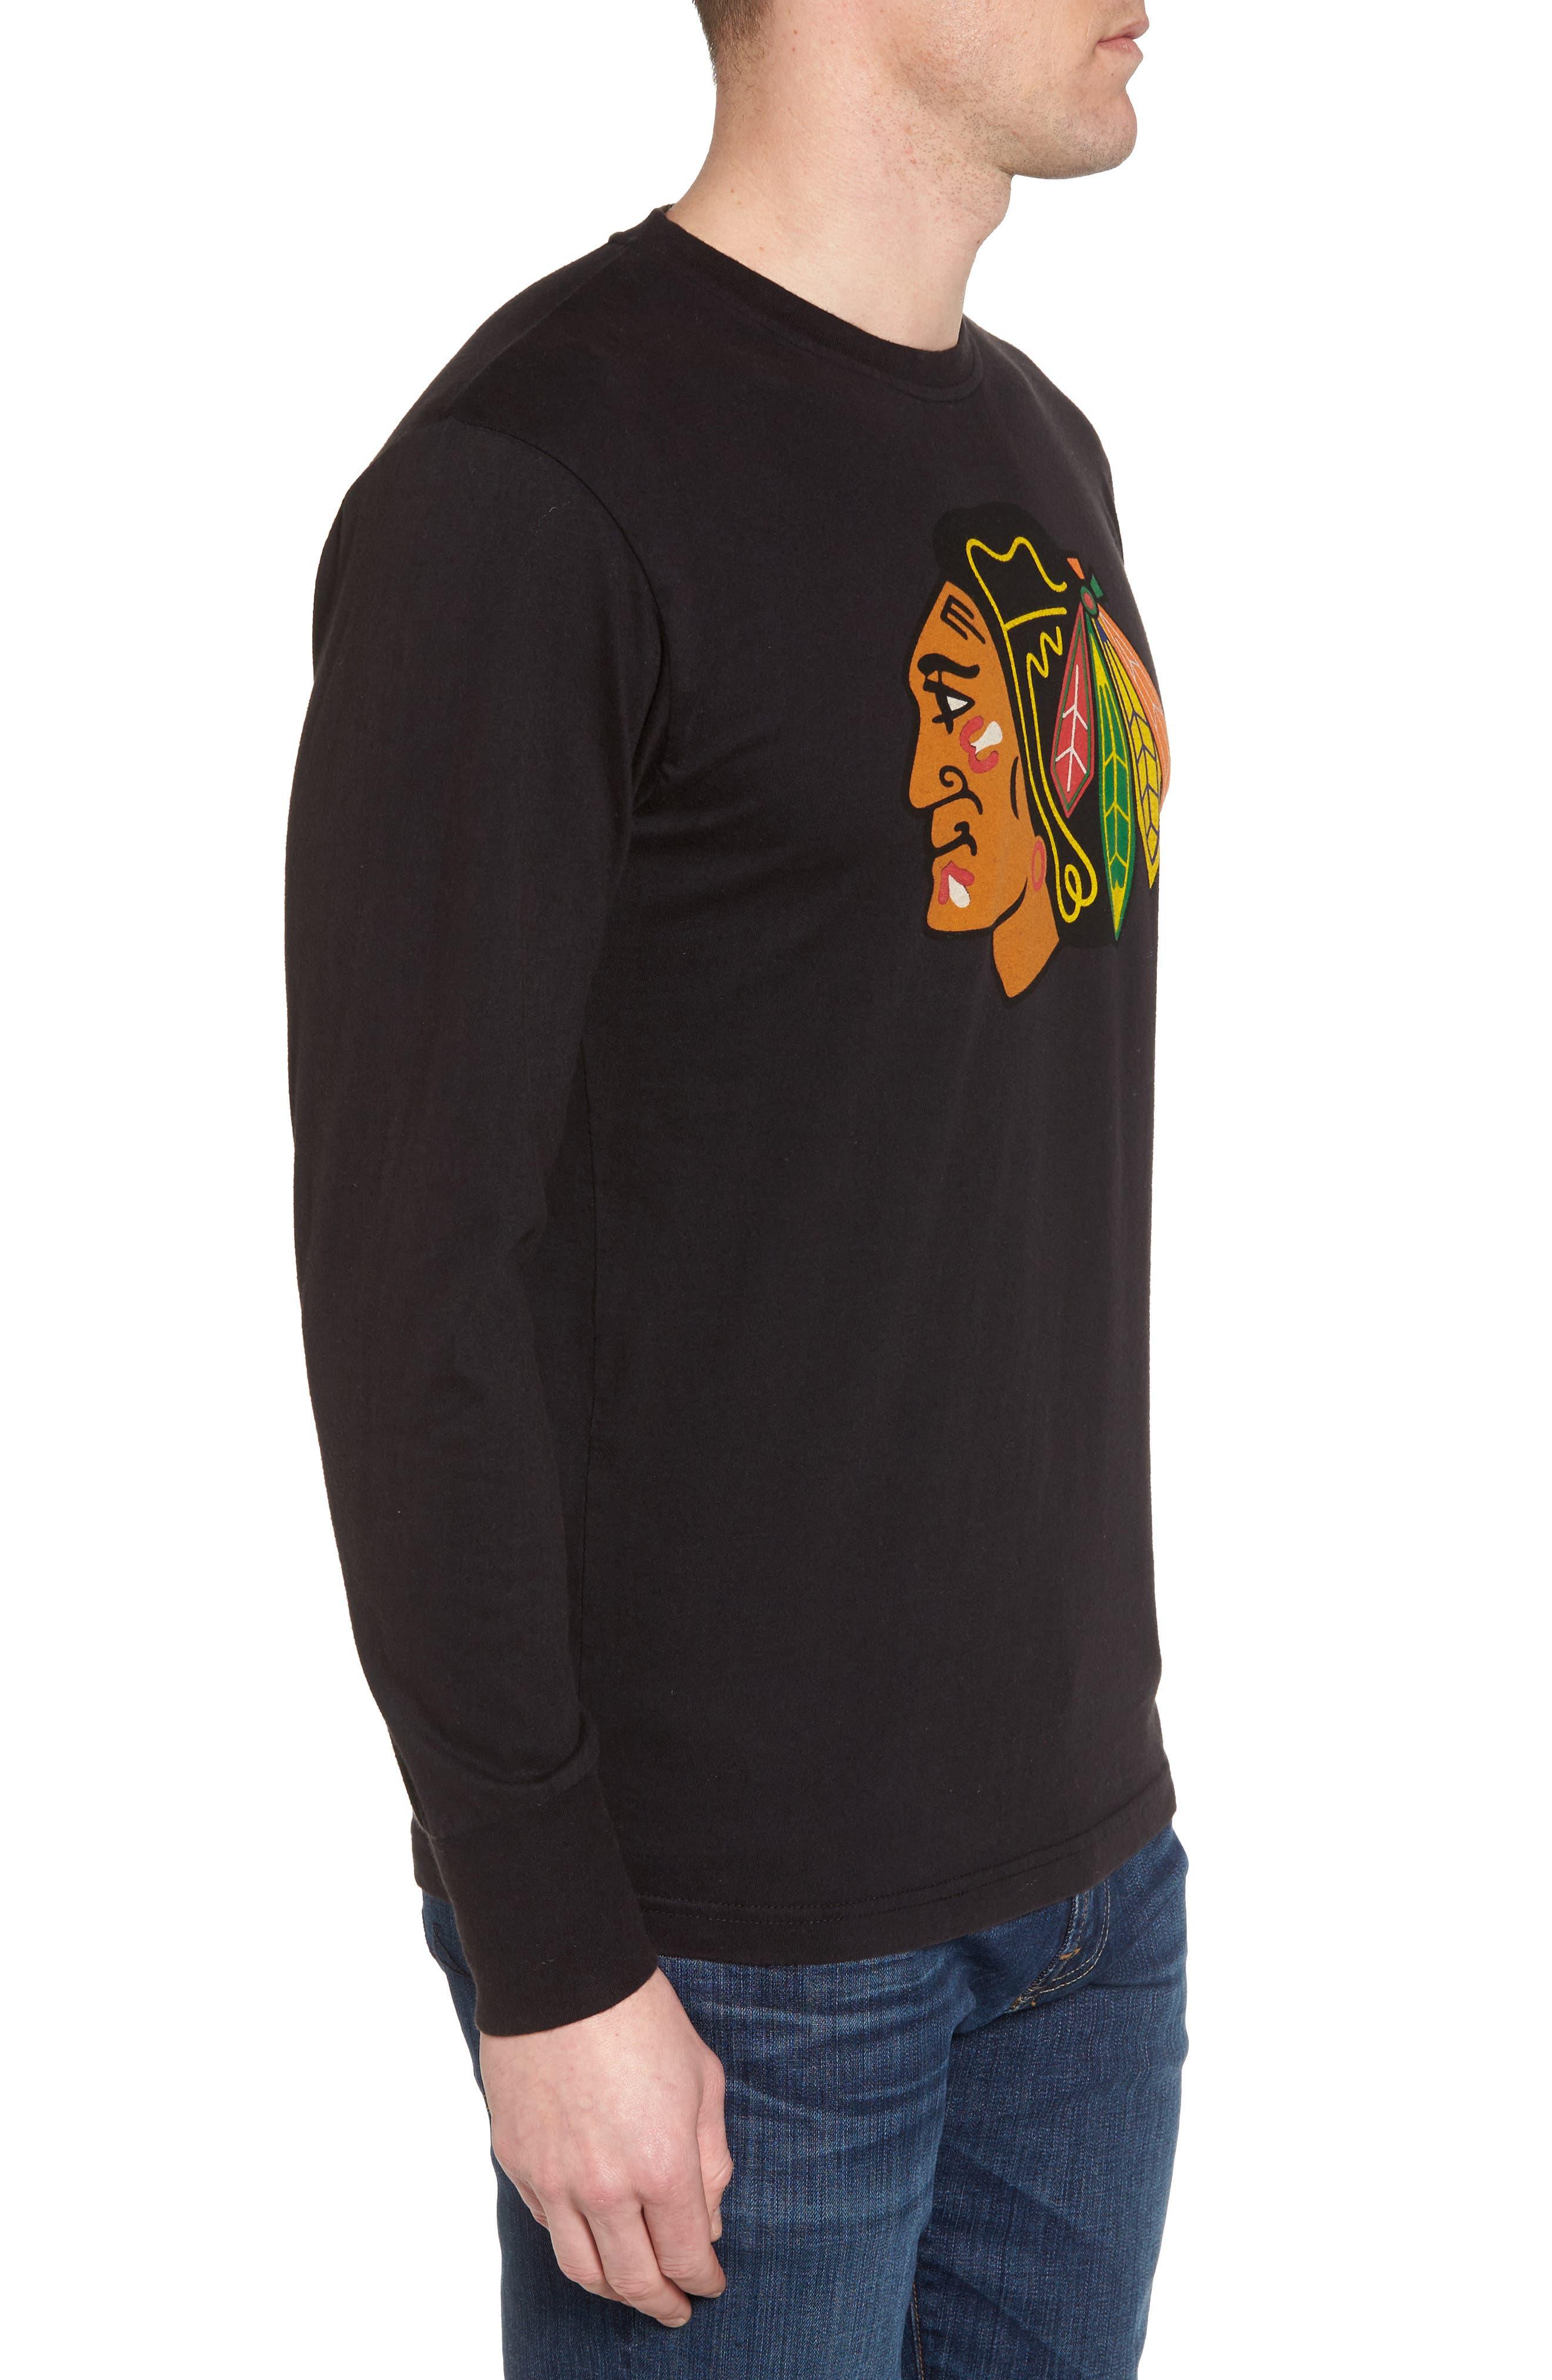 Gresham Chicago Blackhawks T-Shirt,                             Alternate thumbnail 3, color,                             001